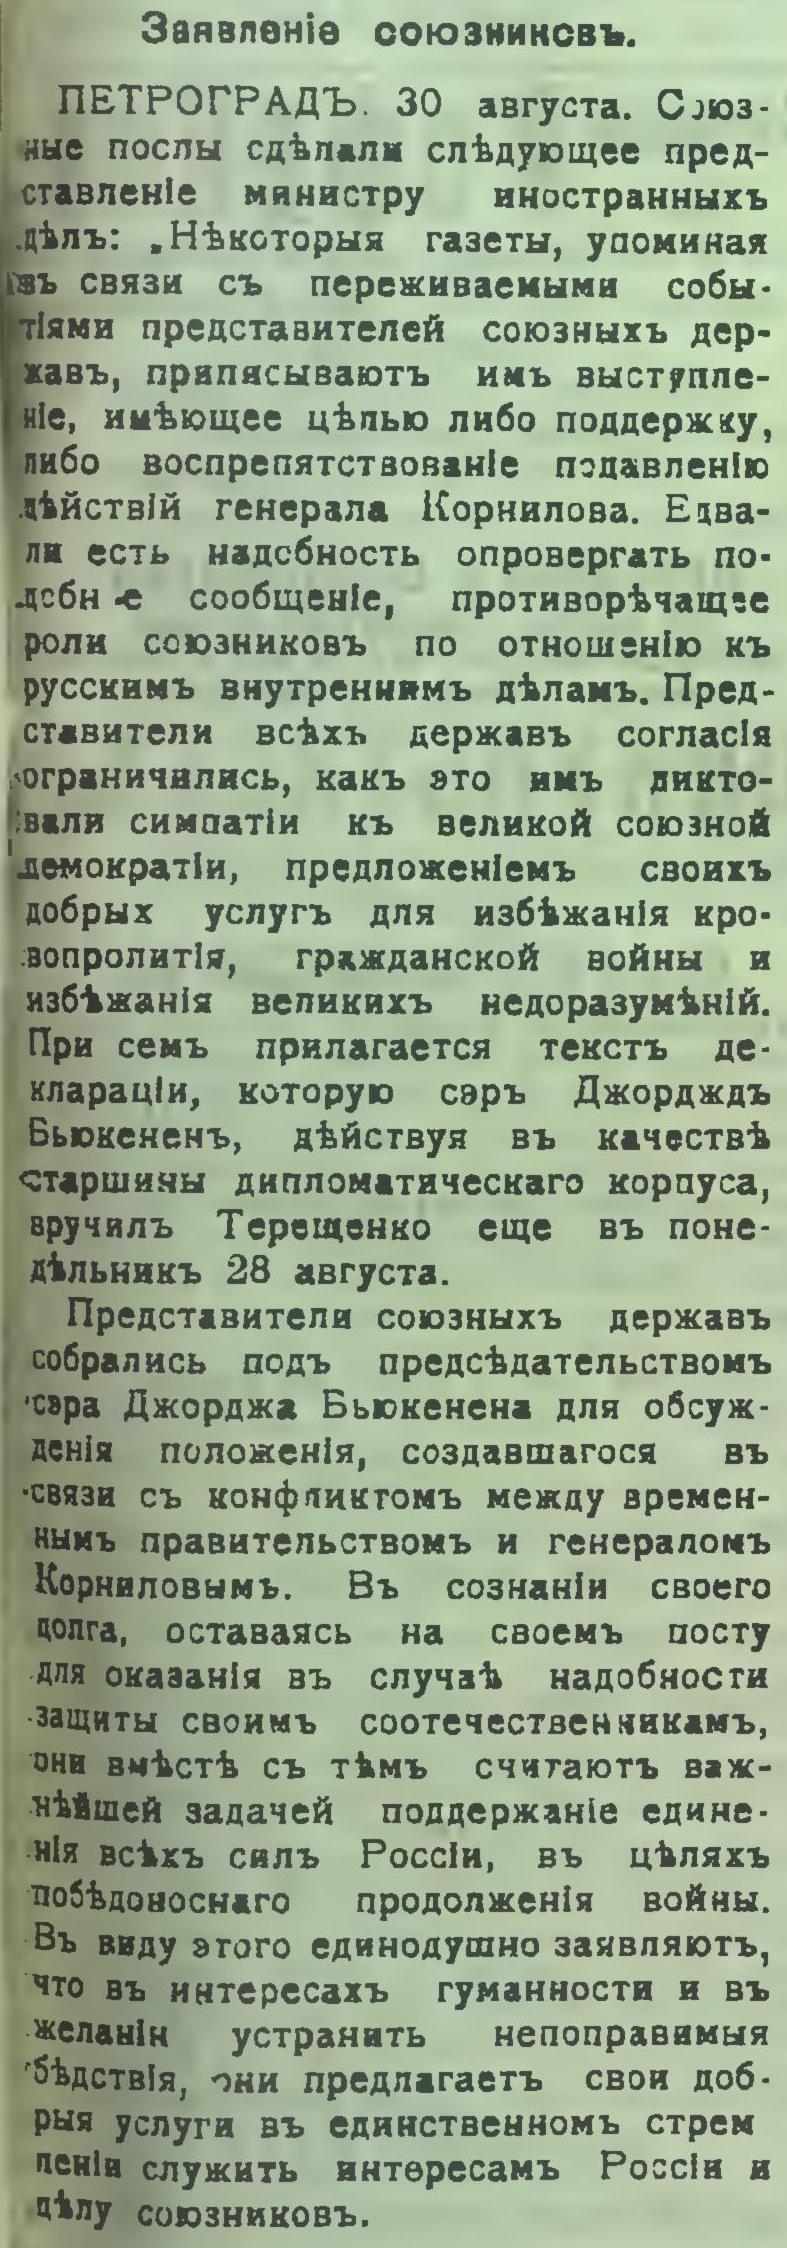 Заявление союзников. С. 3.jpg